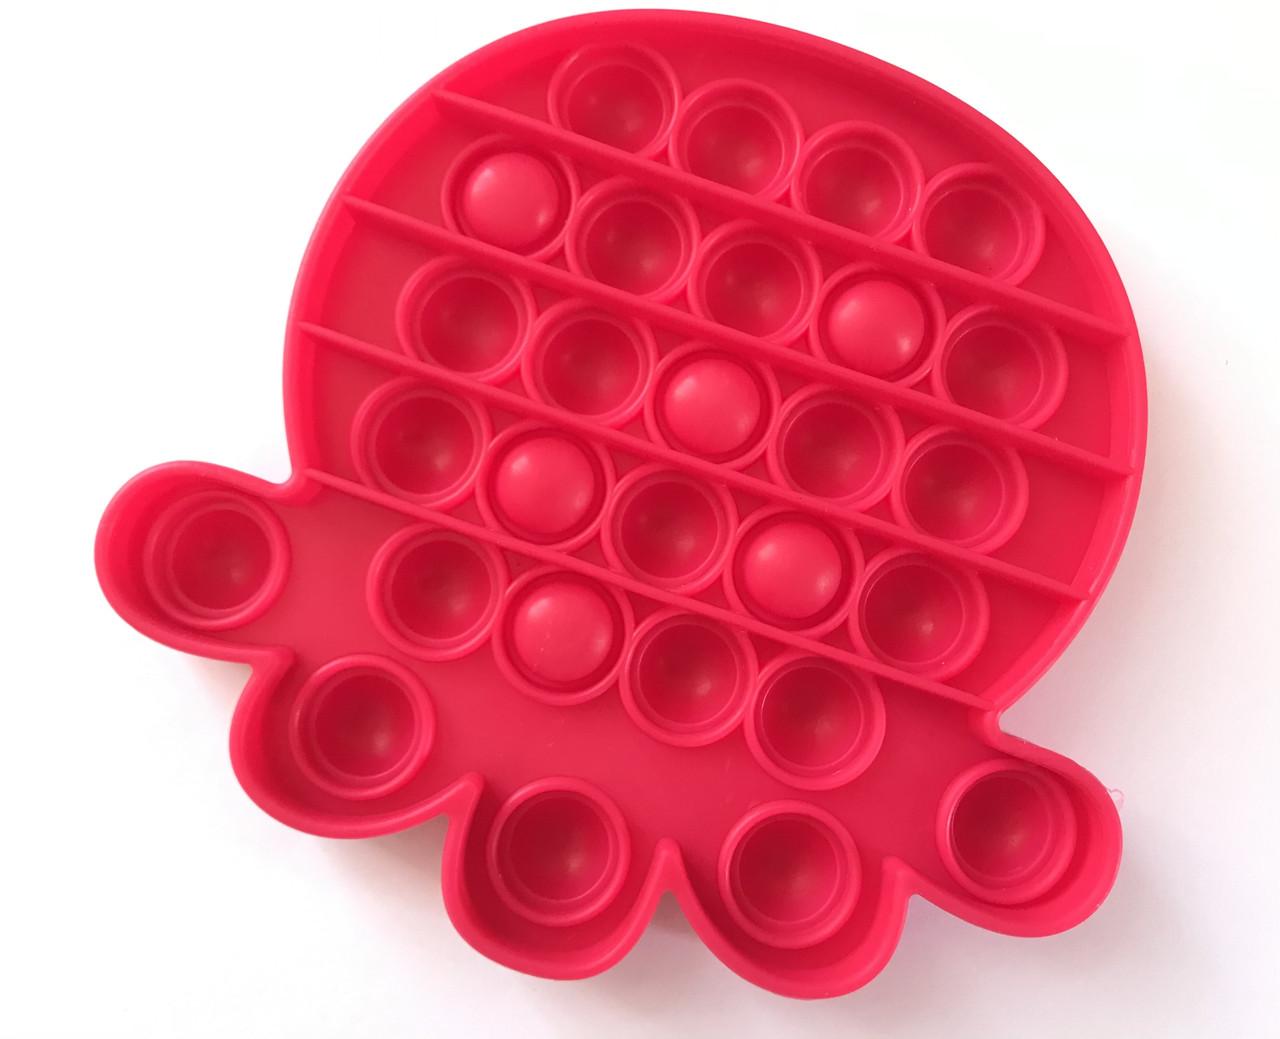 Pop It сенсорная игрушка, пупырка, поп ит антистресс, pop it fidget, попит, малиновый осьминог